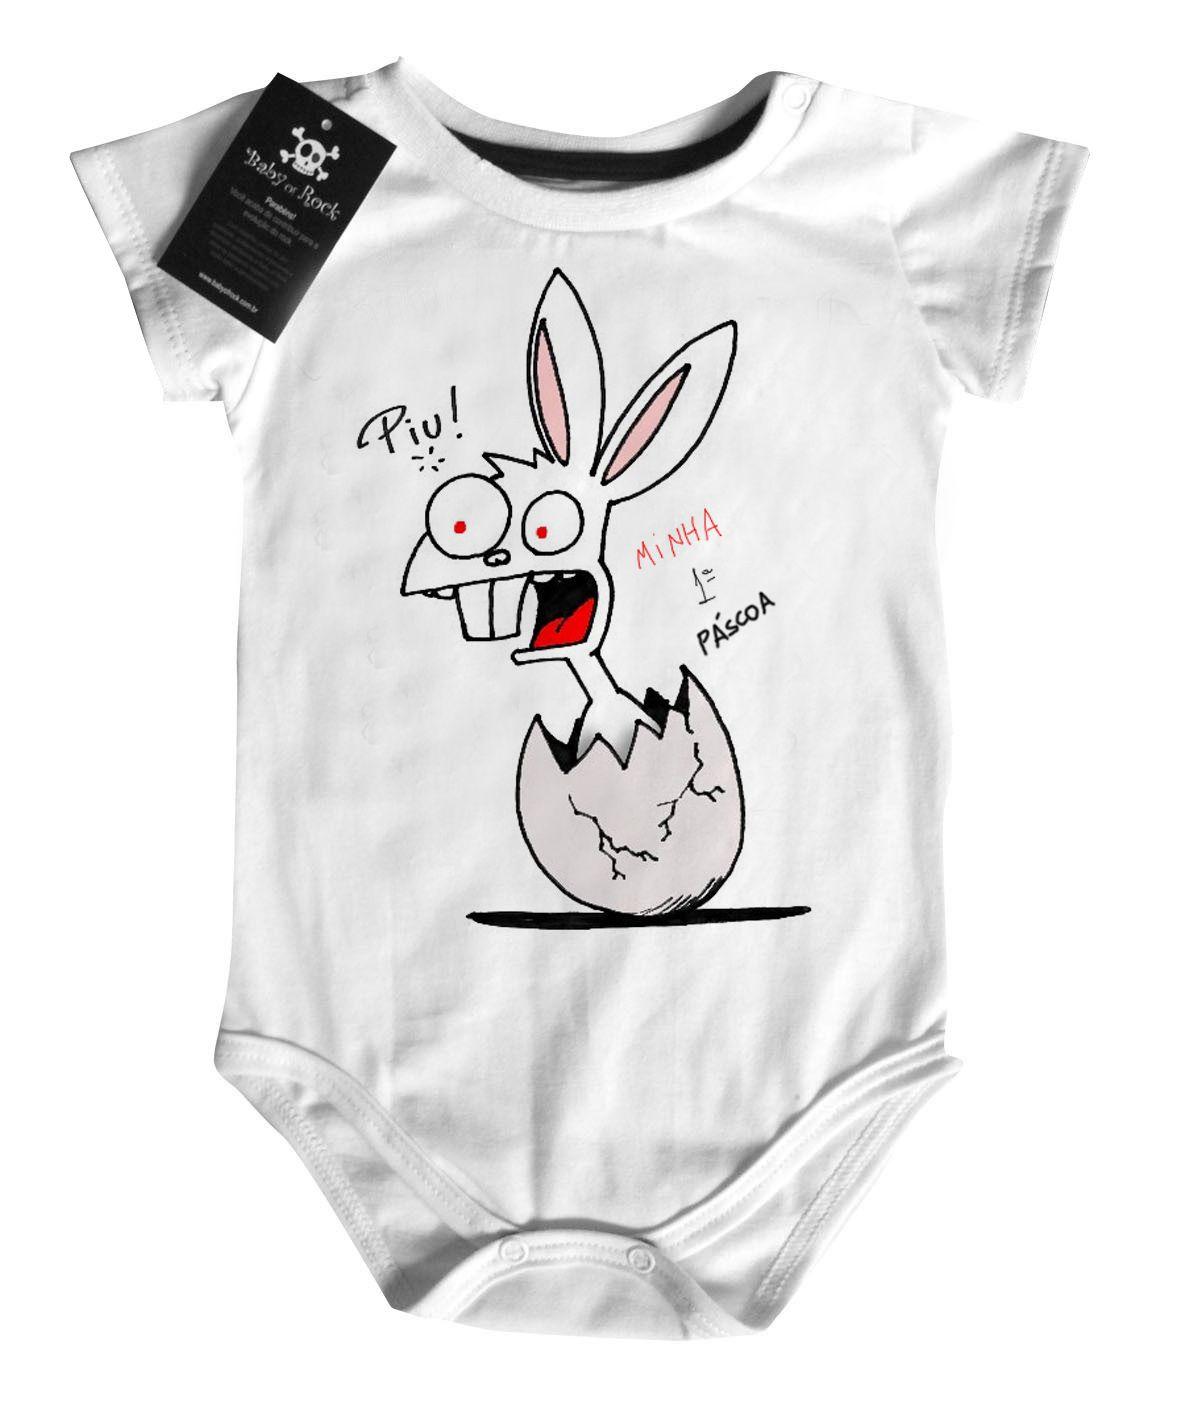 Body  Cute  Bebe  1 pascoa? - White  - Baby Monster - Body Bebe